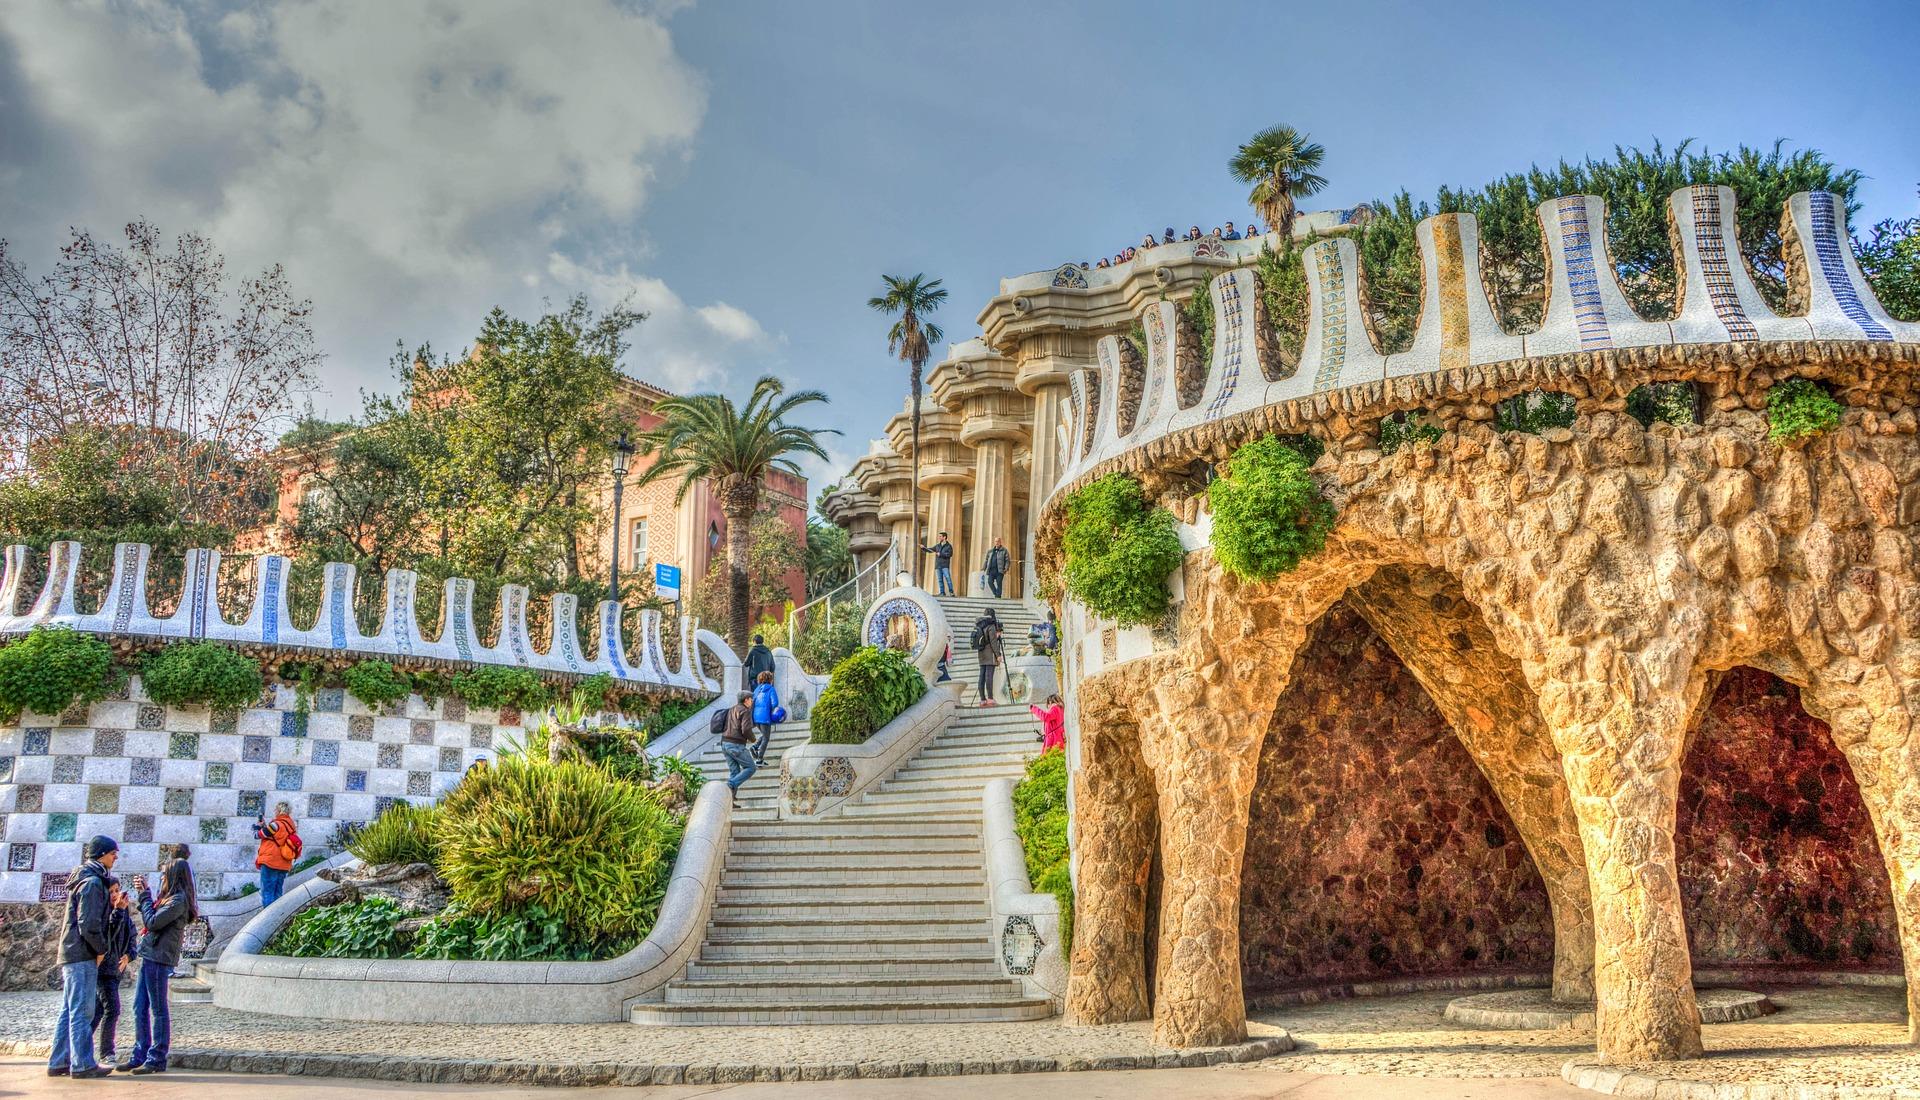 Весёлые каникулы в Каталонии, вкл. парки аттракционов